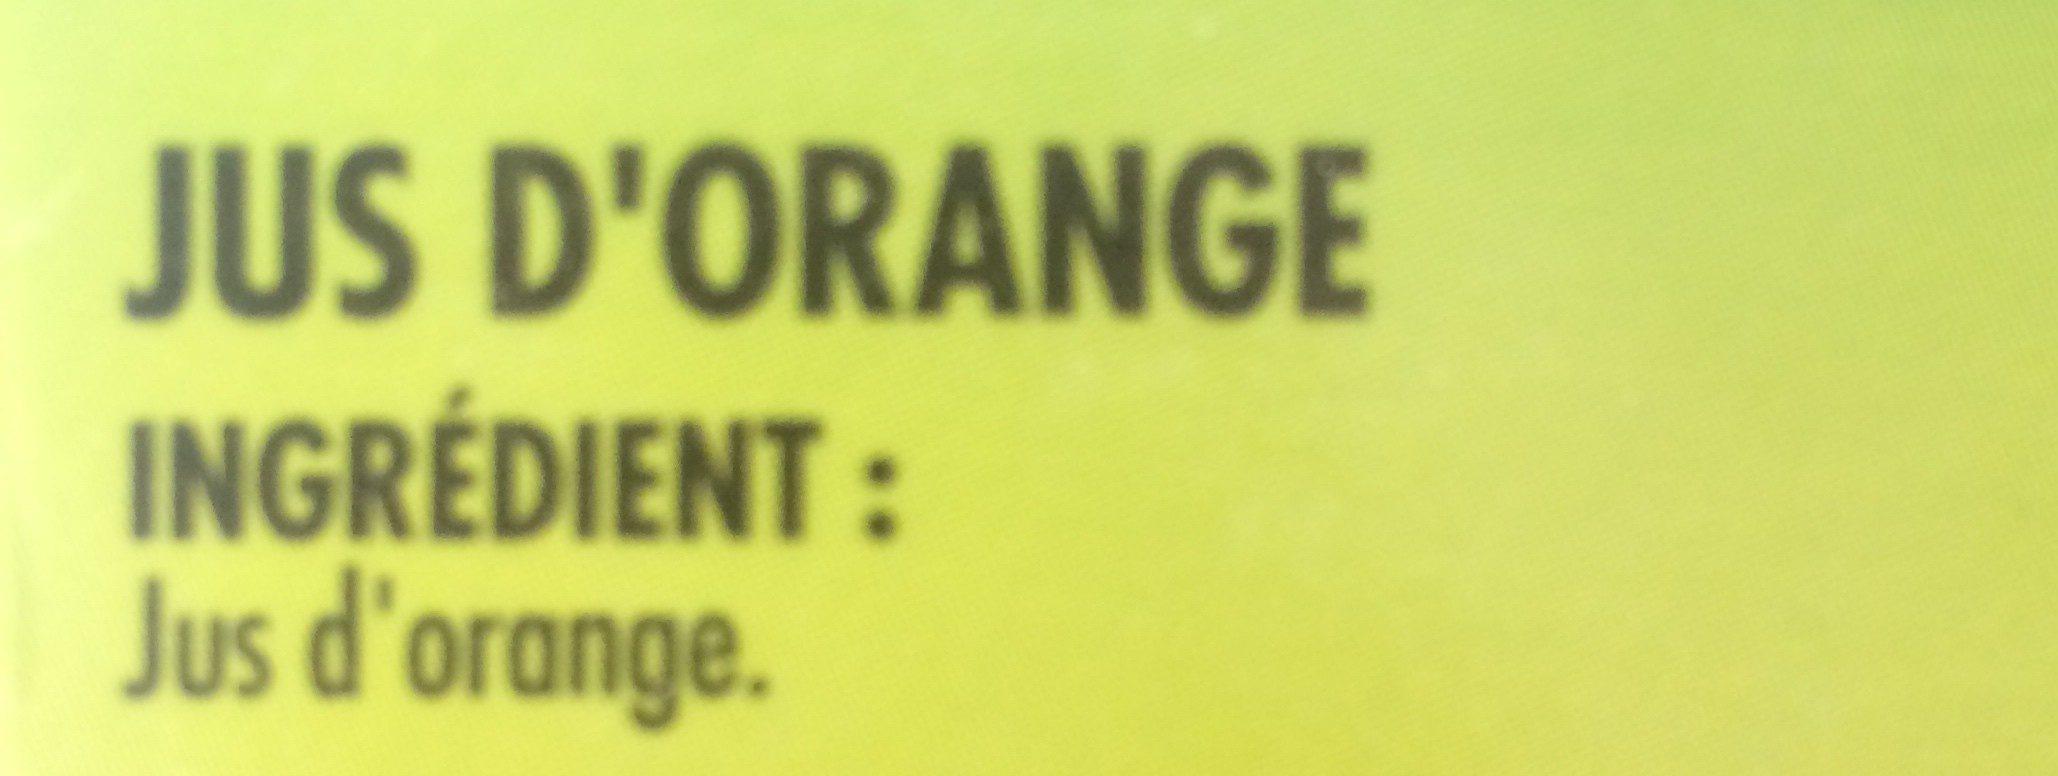 Jus d'orange pressée du Brésil - Ingredients - fr